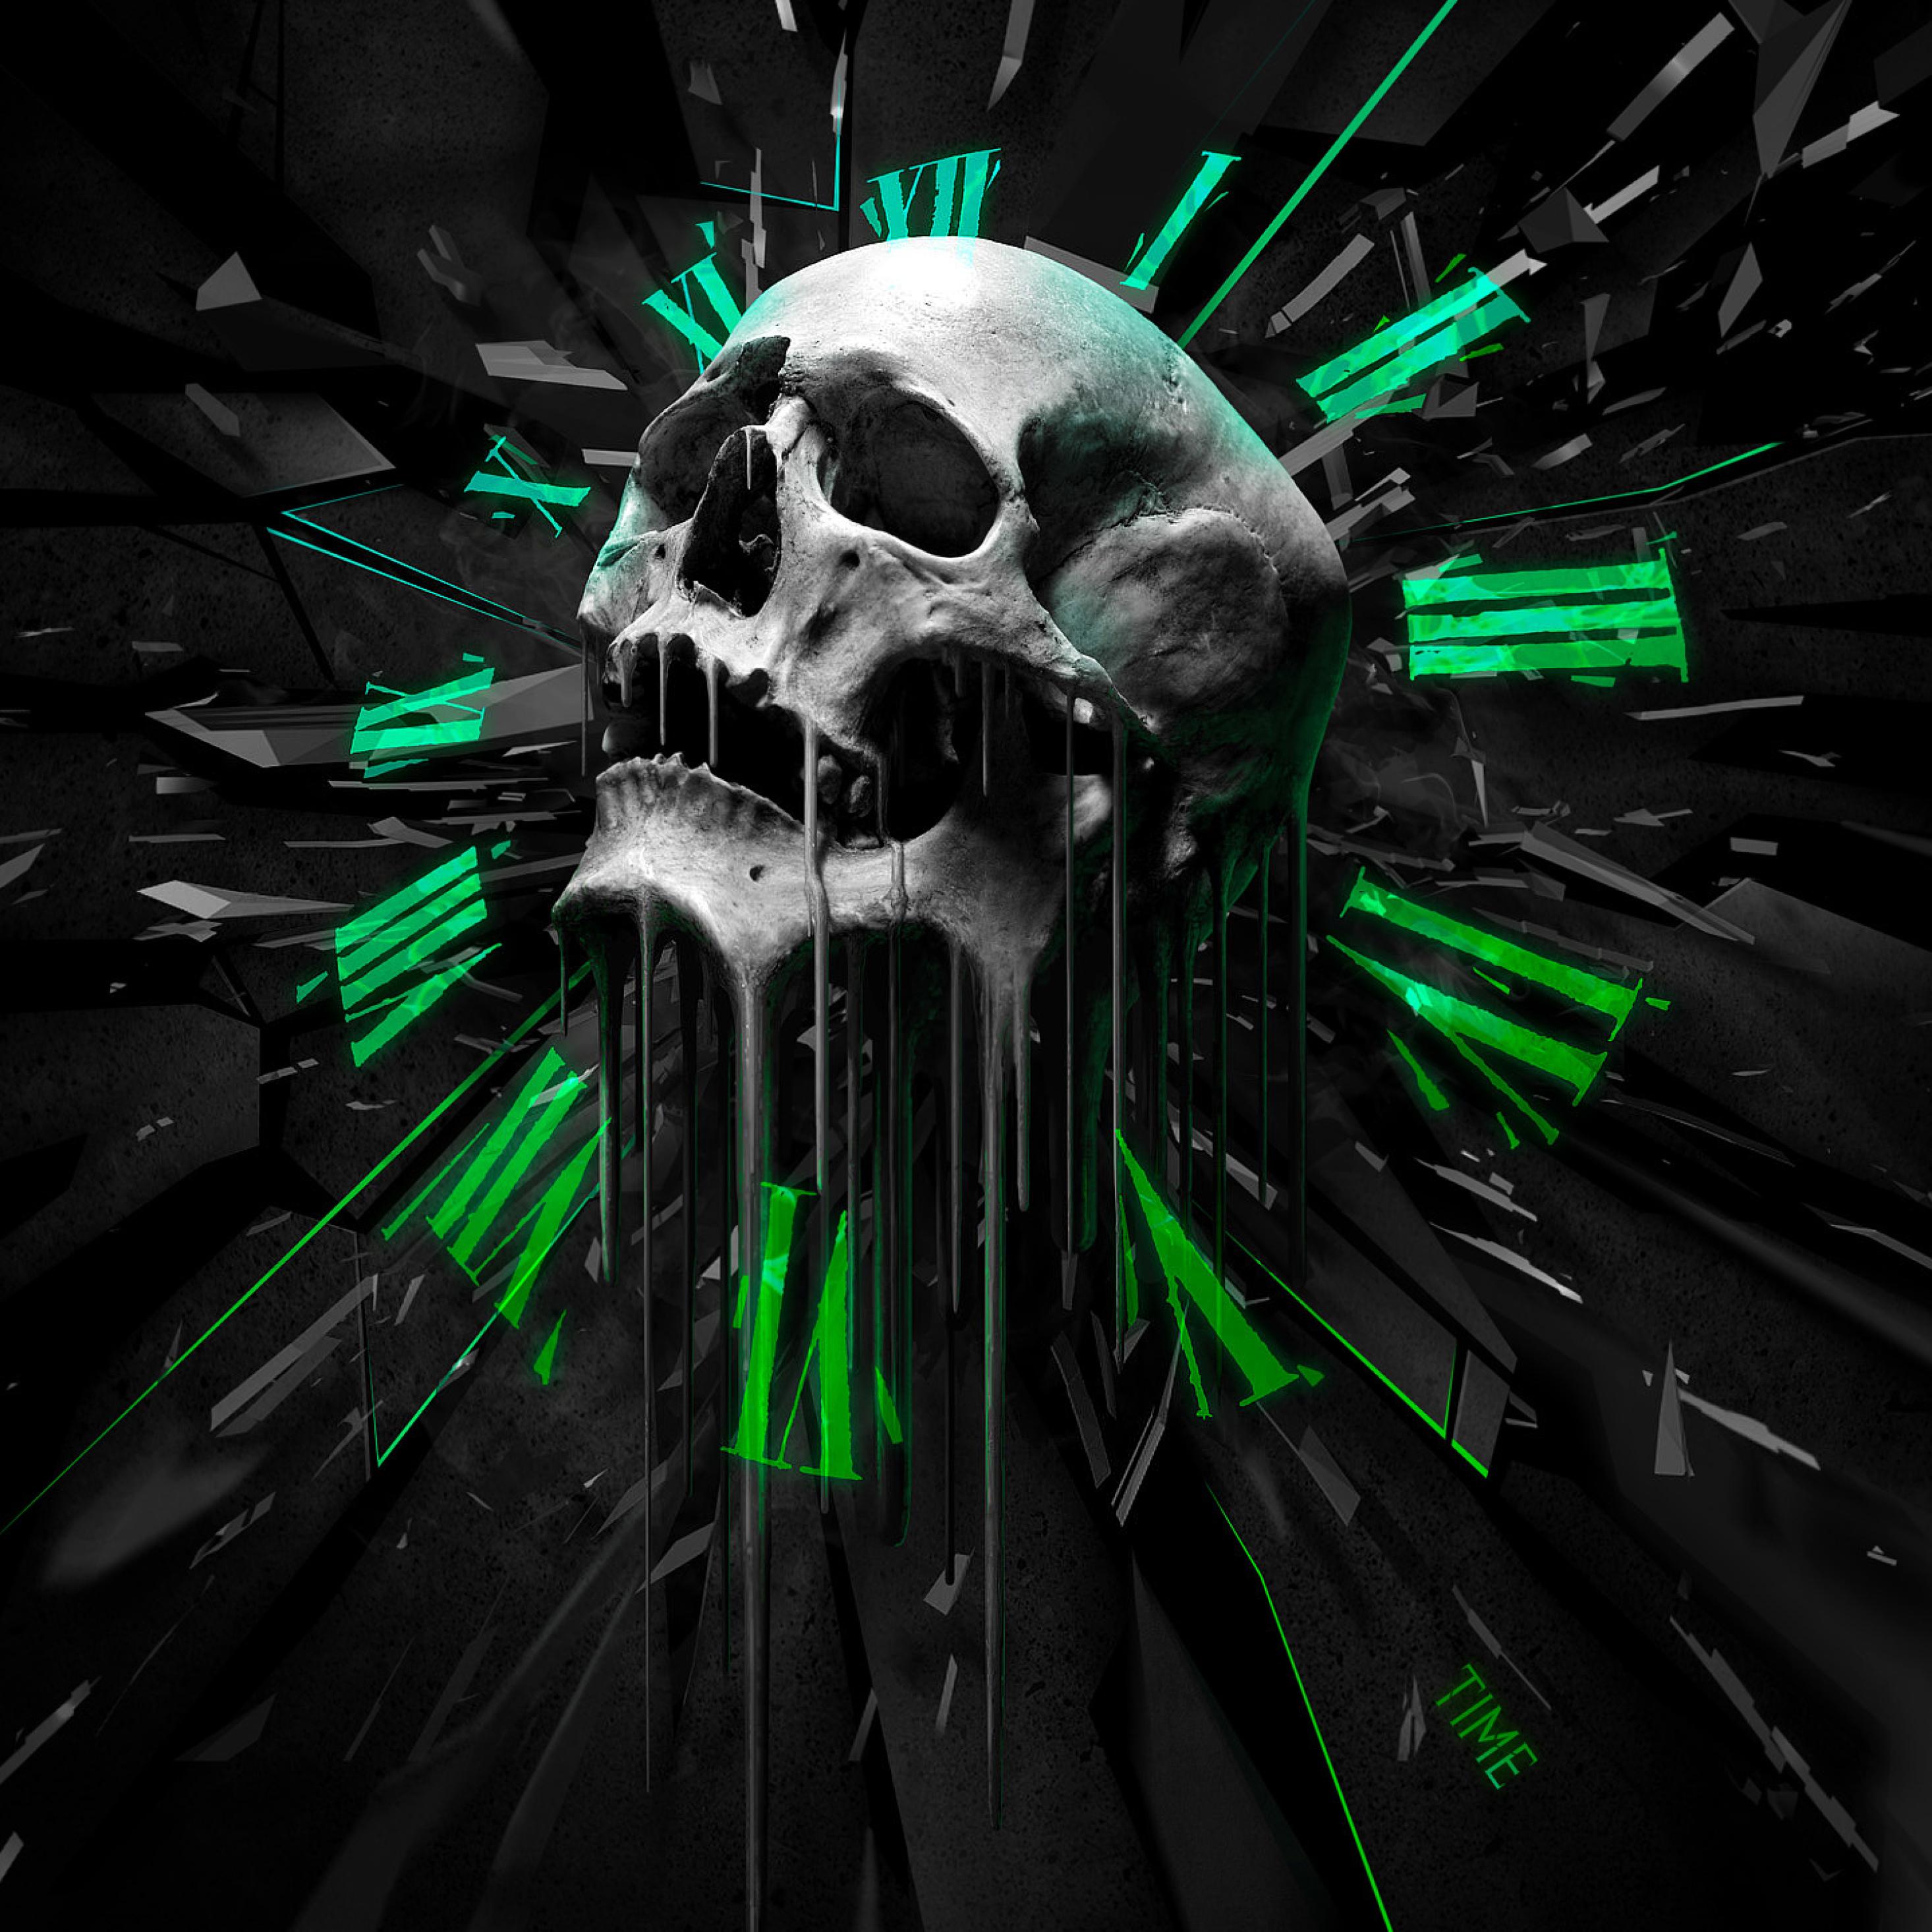 Abstract Skull Clock, Full HD 2K Wallpaper